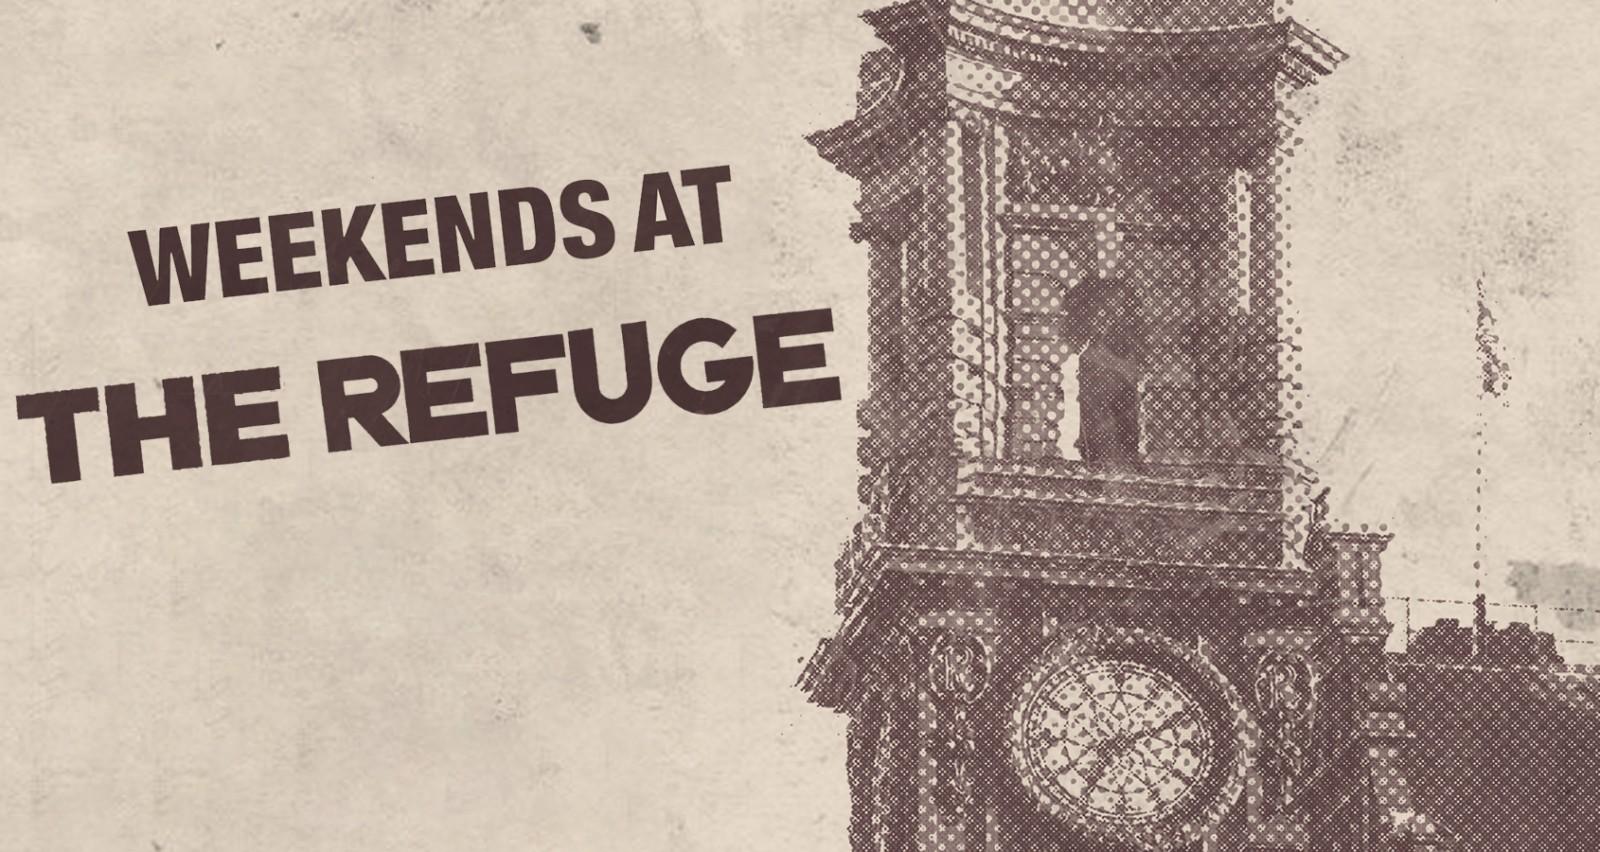 Refuge weekends